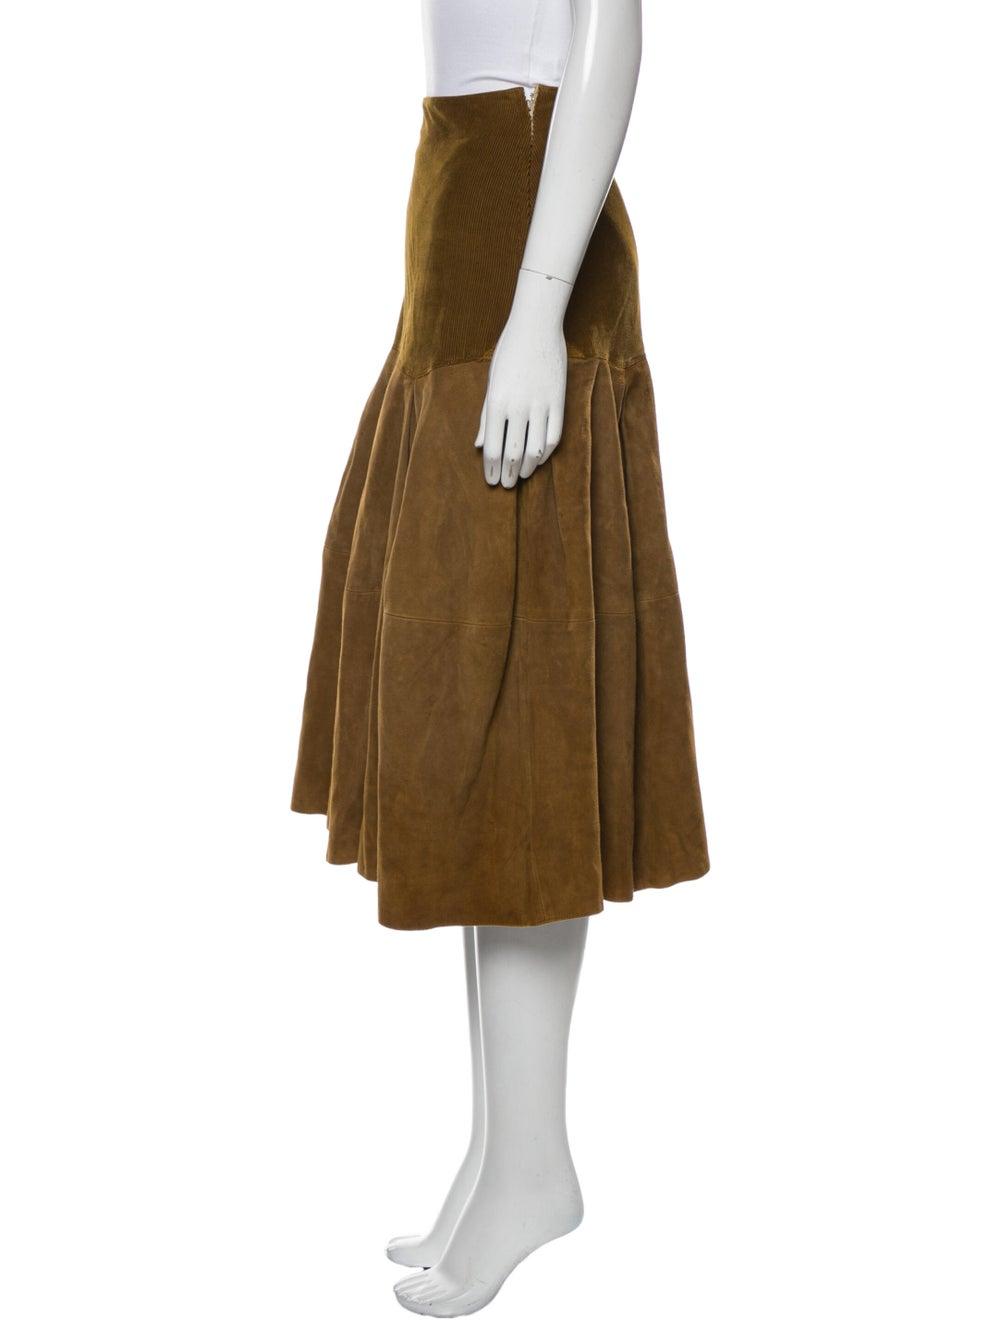 Gianni Versace Vintage Midi Length Skirt Brown - image 2